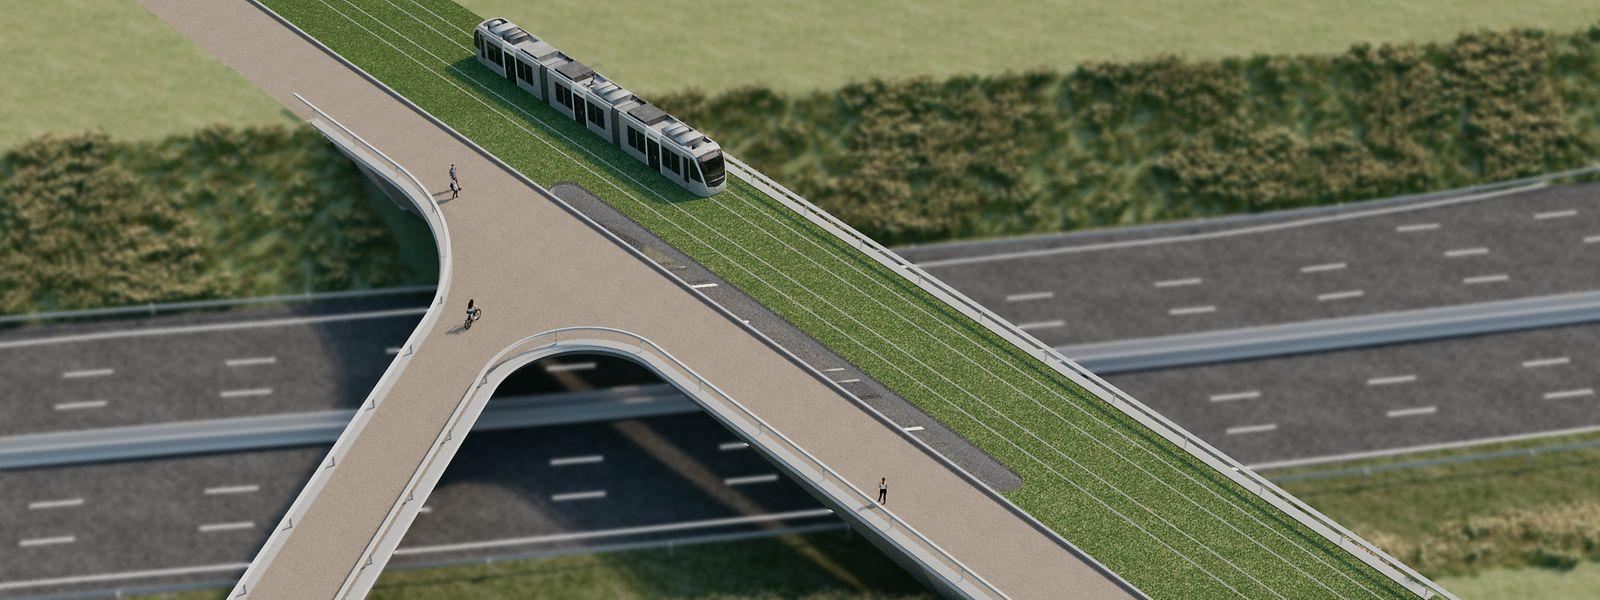 Le nouveau pont en forme de Y, marqué en brun, passera au-dessus de l'autoroute A3.